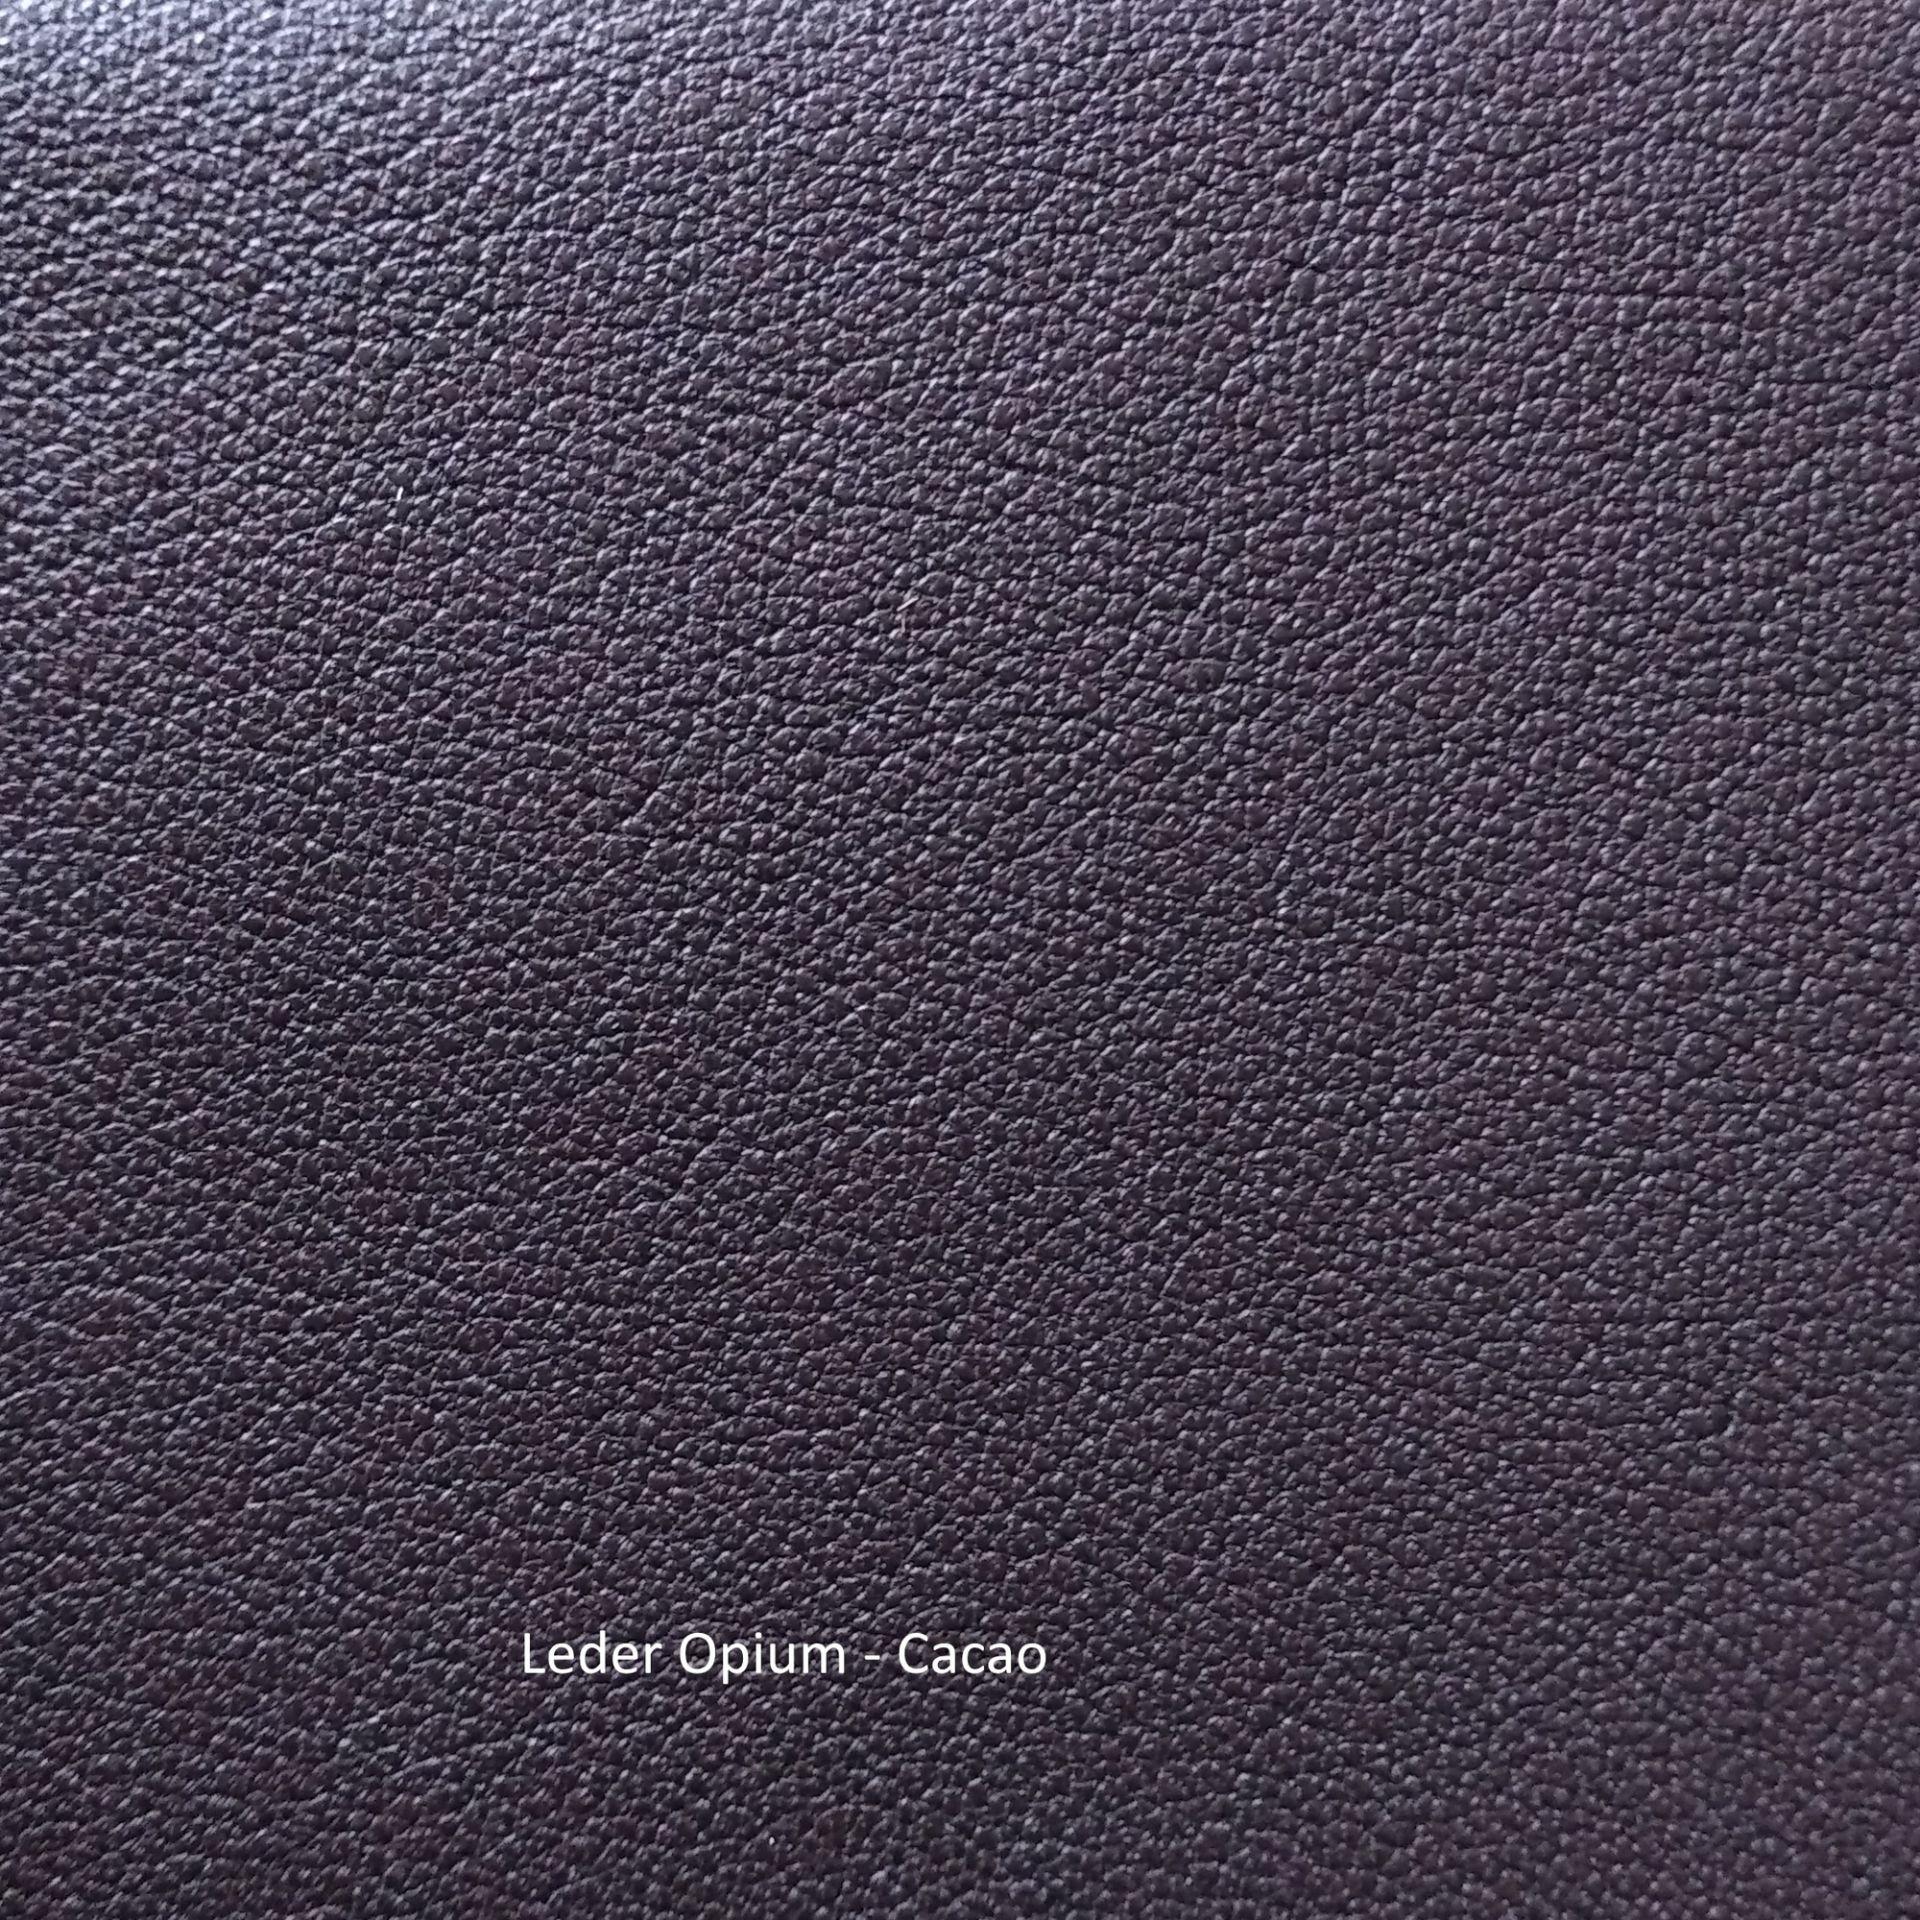 Leather samples Opium Freifrau Sitzmöbelmanufaktur